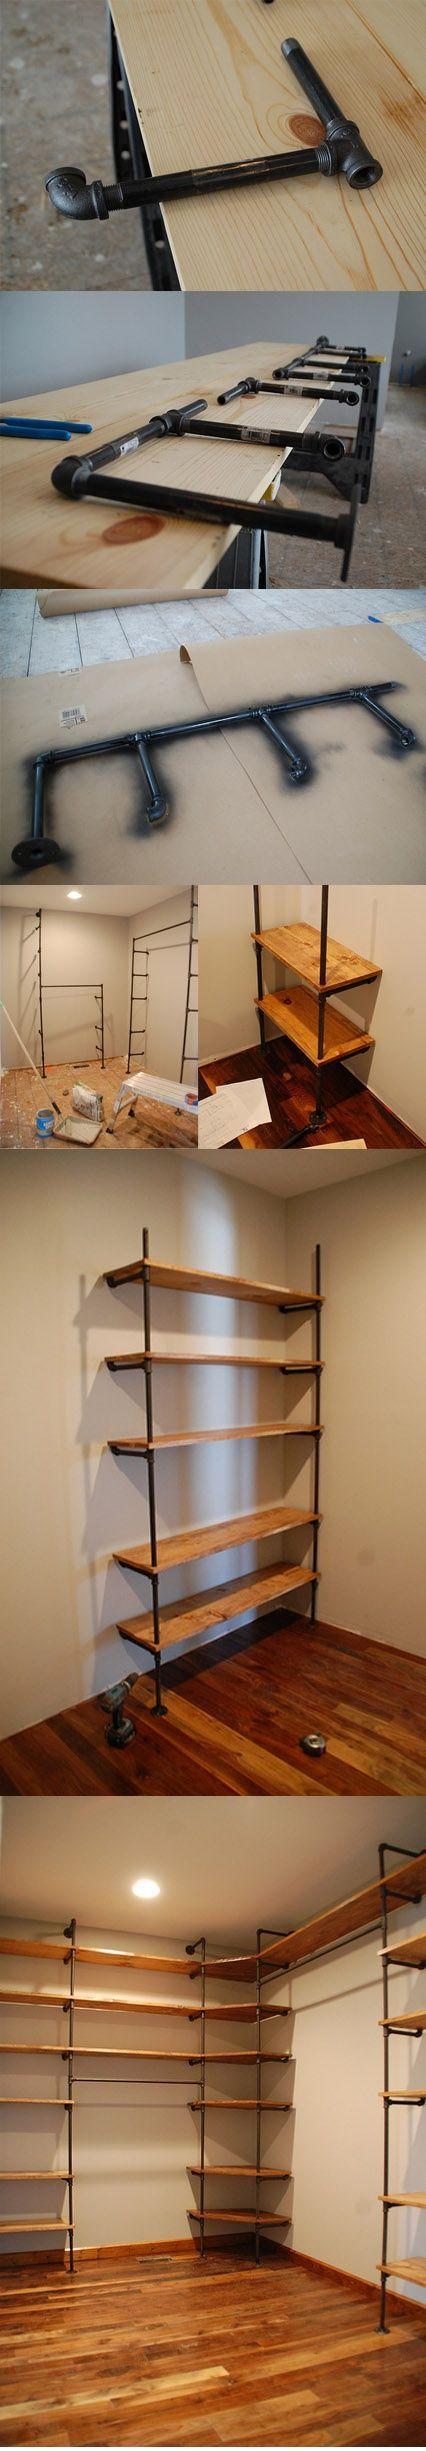 Tubos de plomería y estantes de madera para bibliotecas o vestidores!